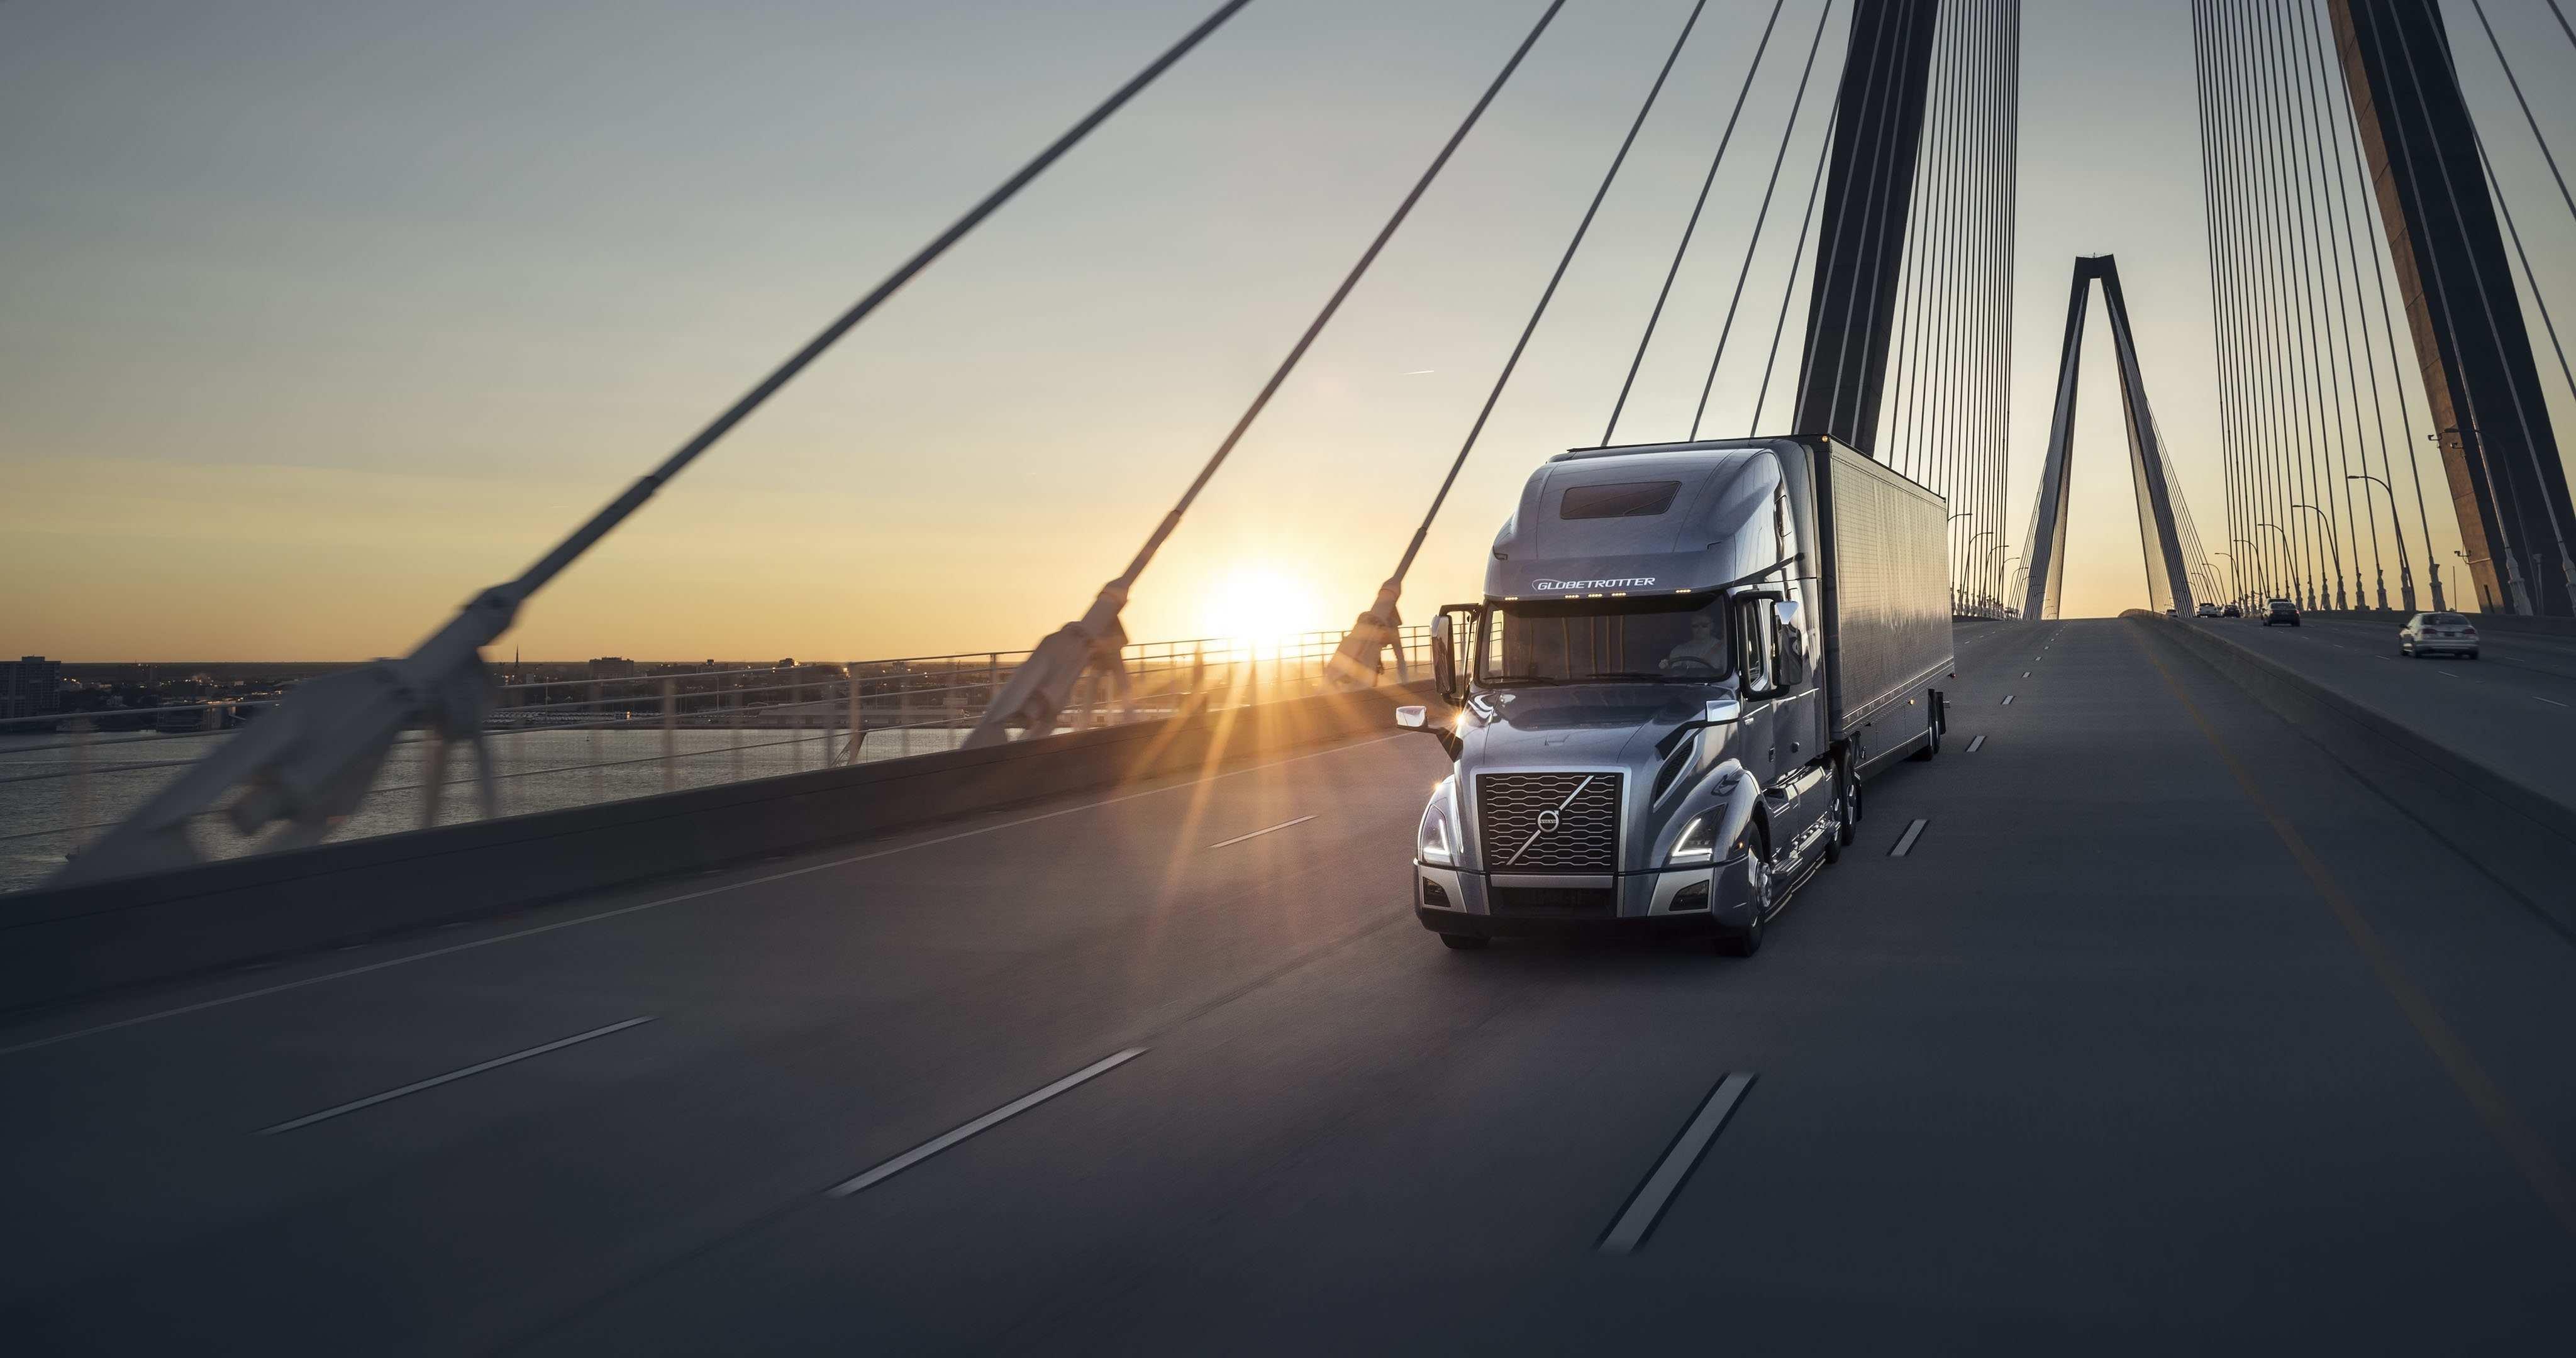 65 Concept of 2020 Volvo Vnl 860 Globetrotter Exterior First Drive by 2020 Volvo Vnl 860 Globetrotter Exterior